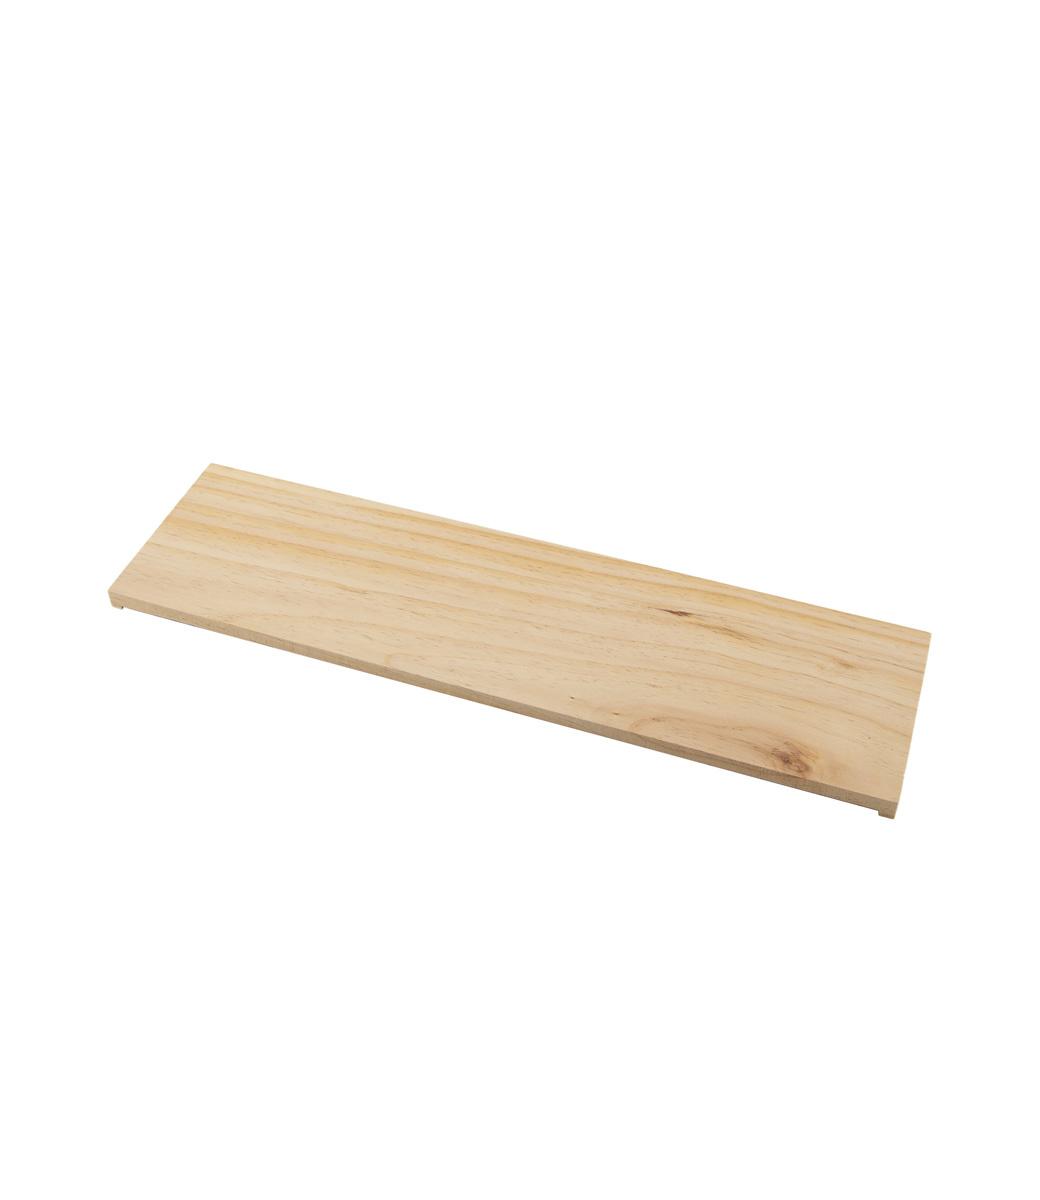 Wooden shelf - Hout-2